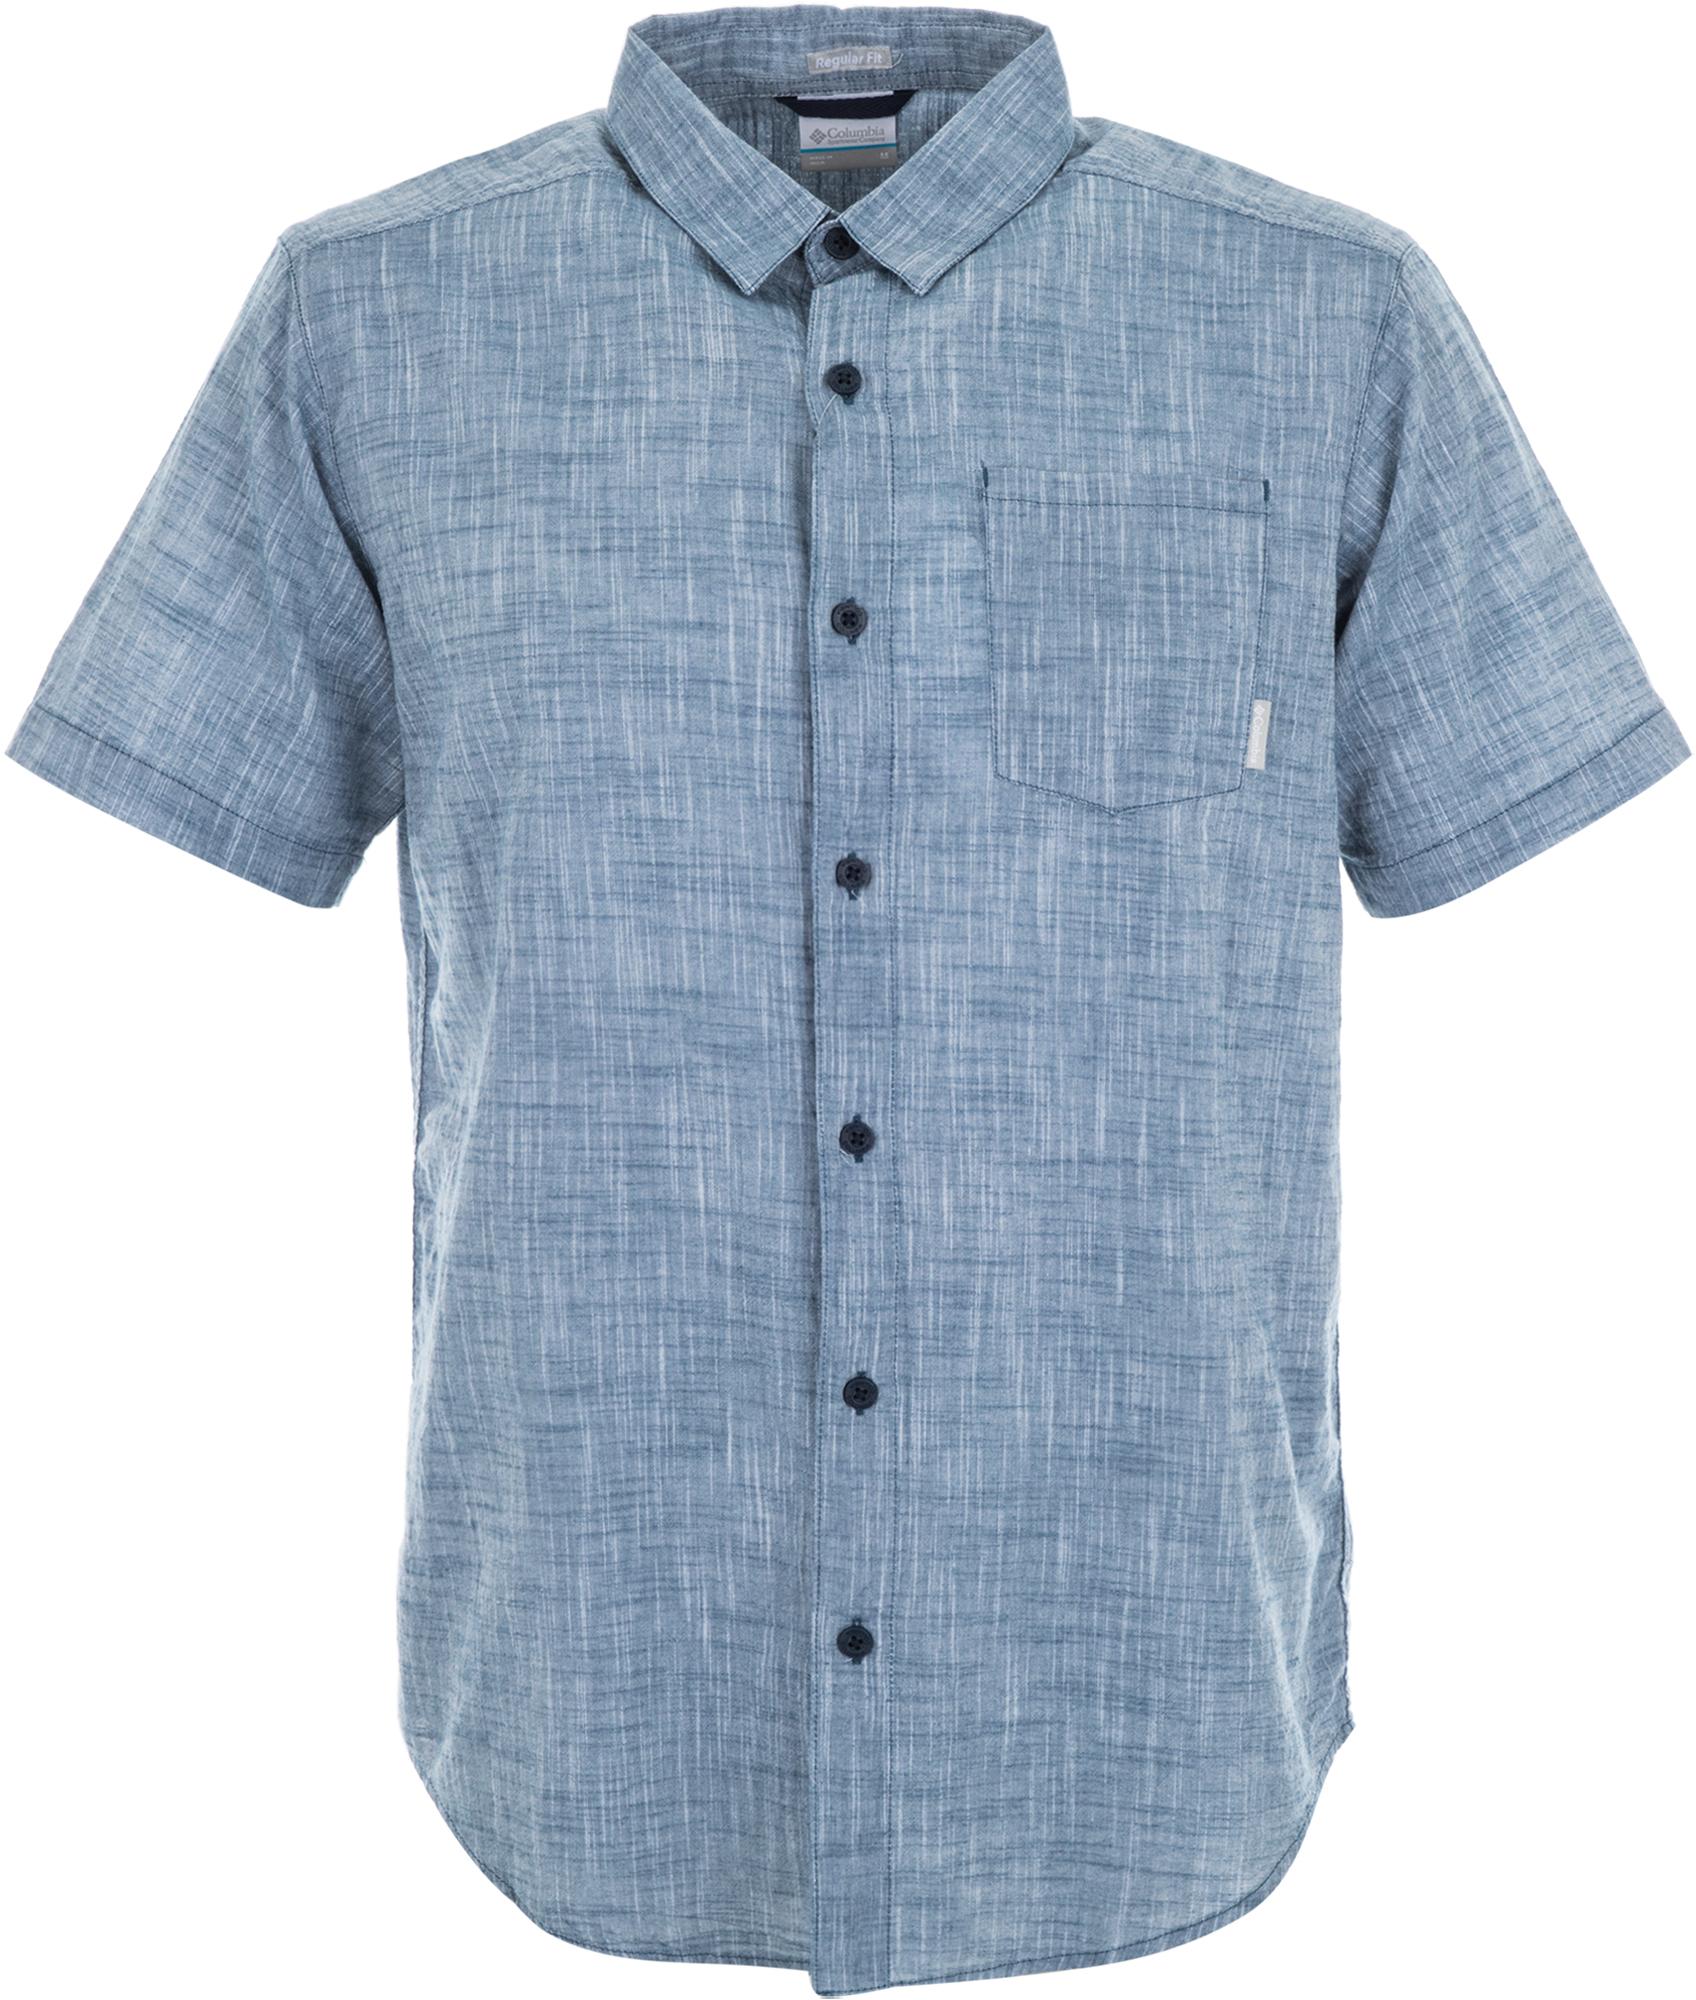 Фото - Columbia Рубашка мужская Columbia Under Exposure YD, размер 48-50 рубашка greg greg mp002xm05sgb